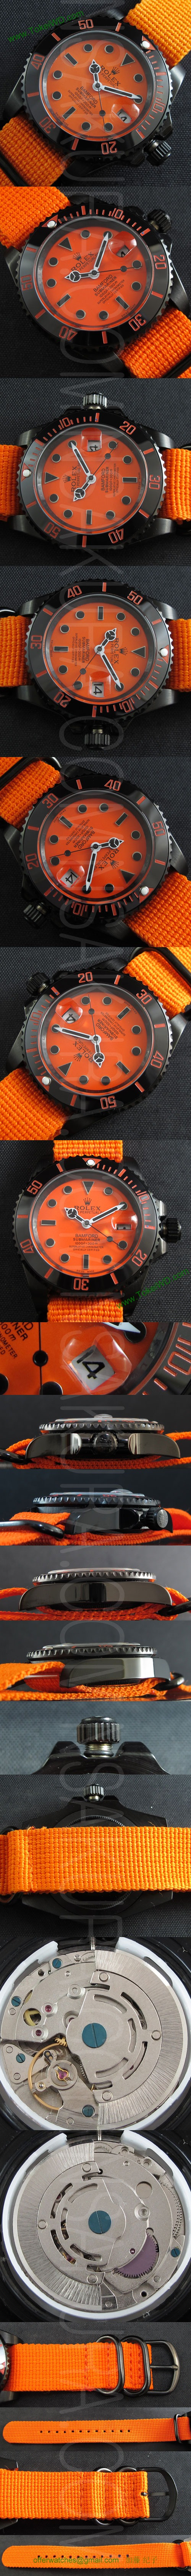 ロレックス 2015JFS983JLE コピー 時計